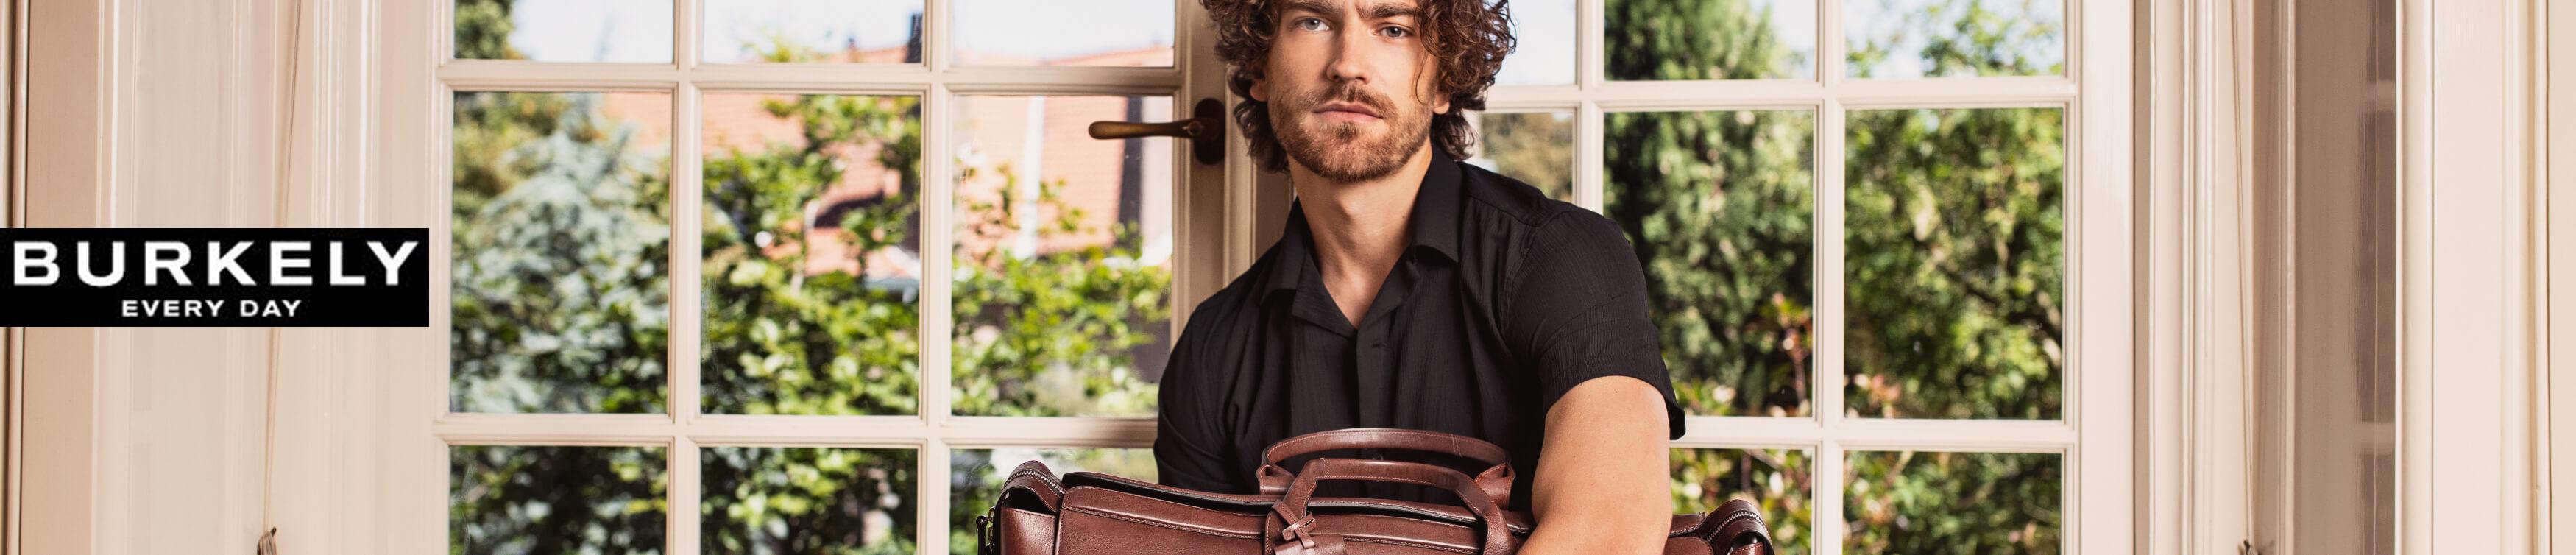 BURKELY Taschen & Rucksäcke sicher und einfach online bestellen.